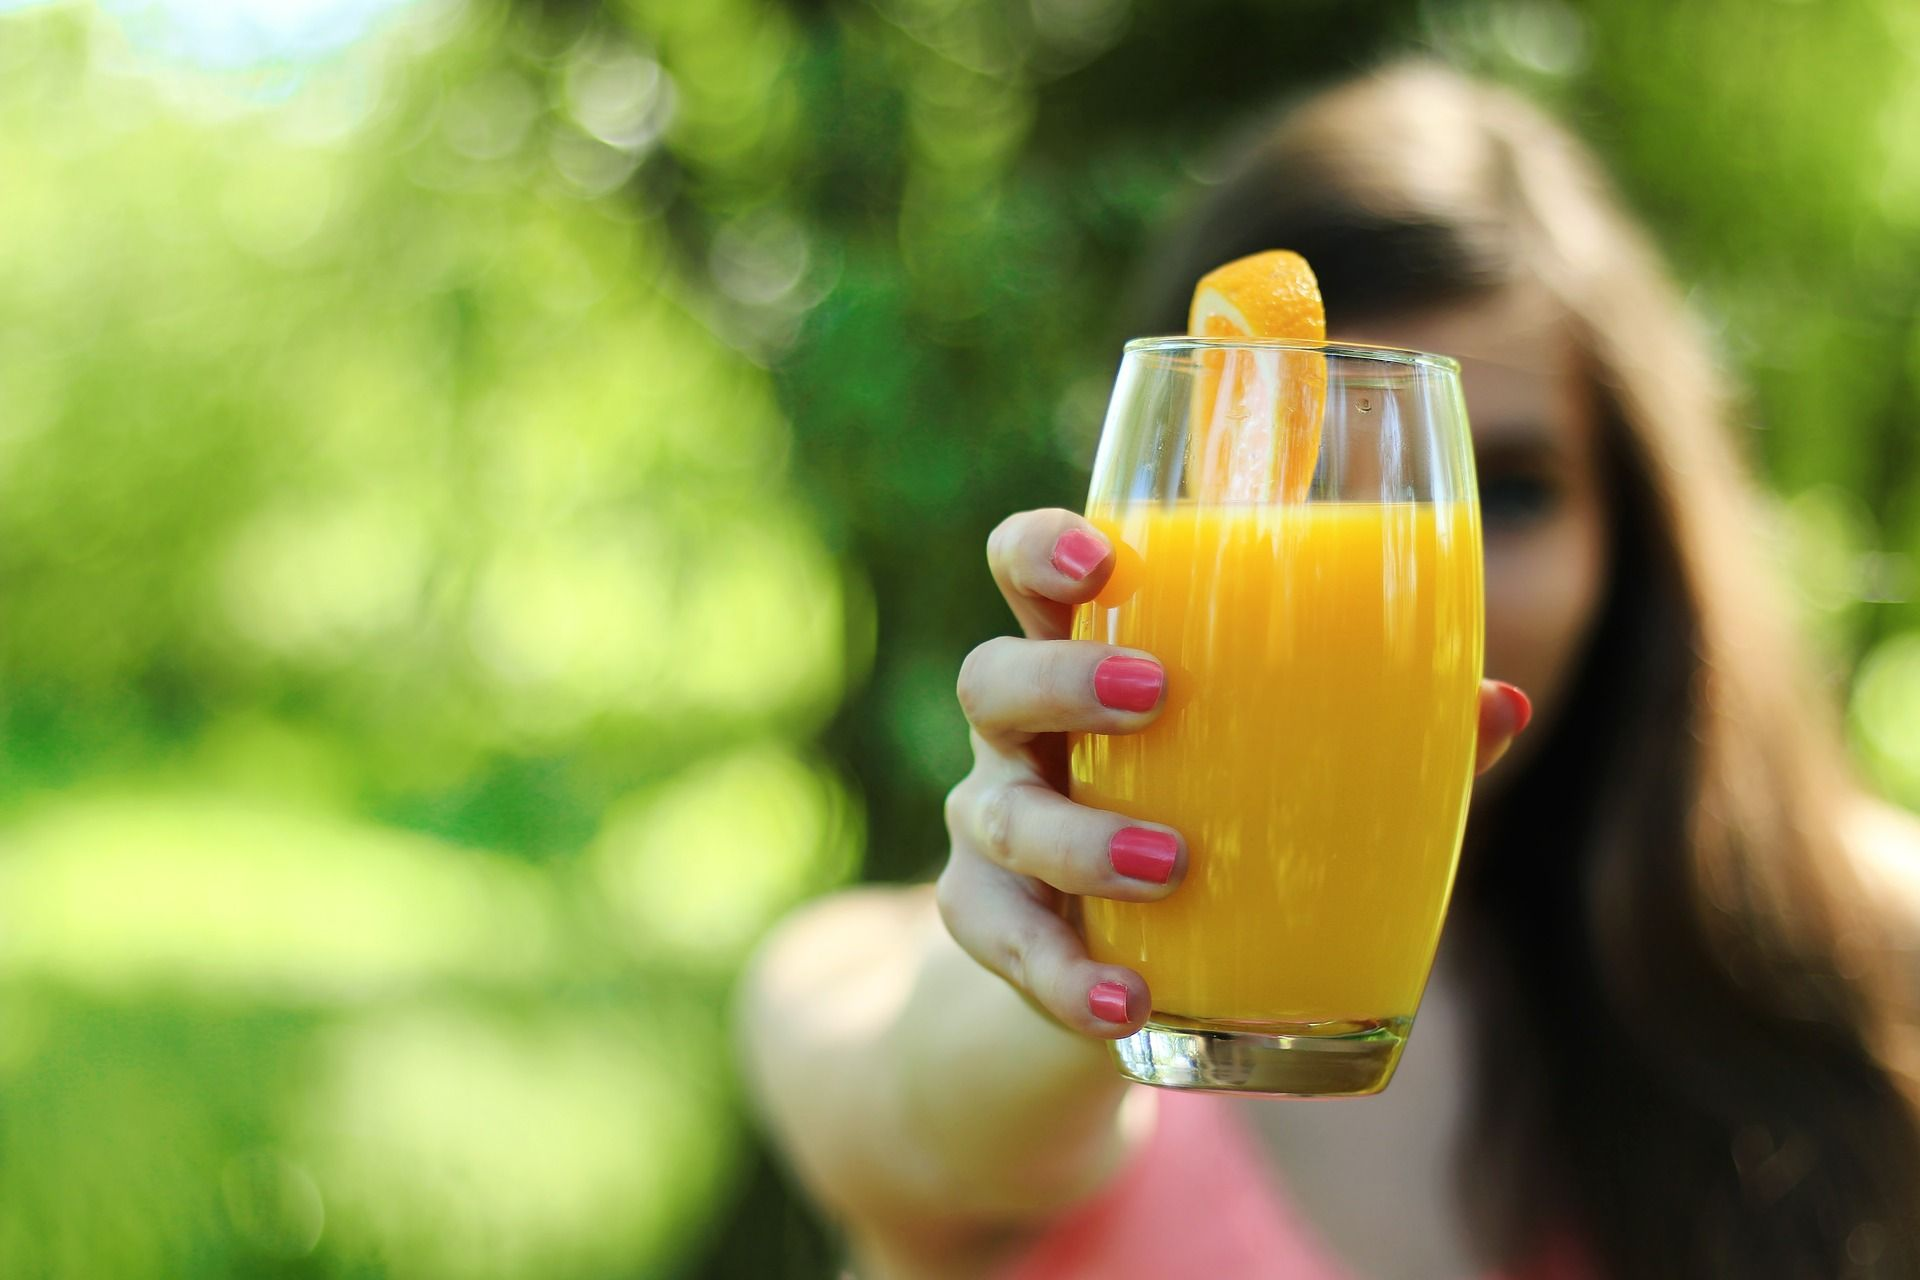 Jugo de naranja.